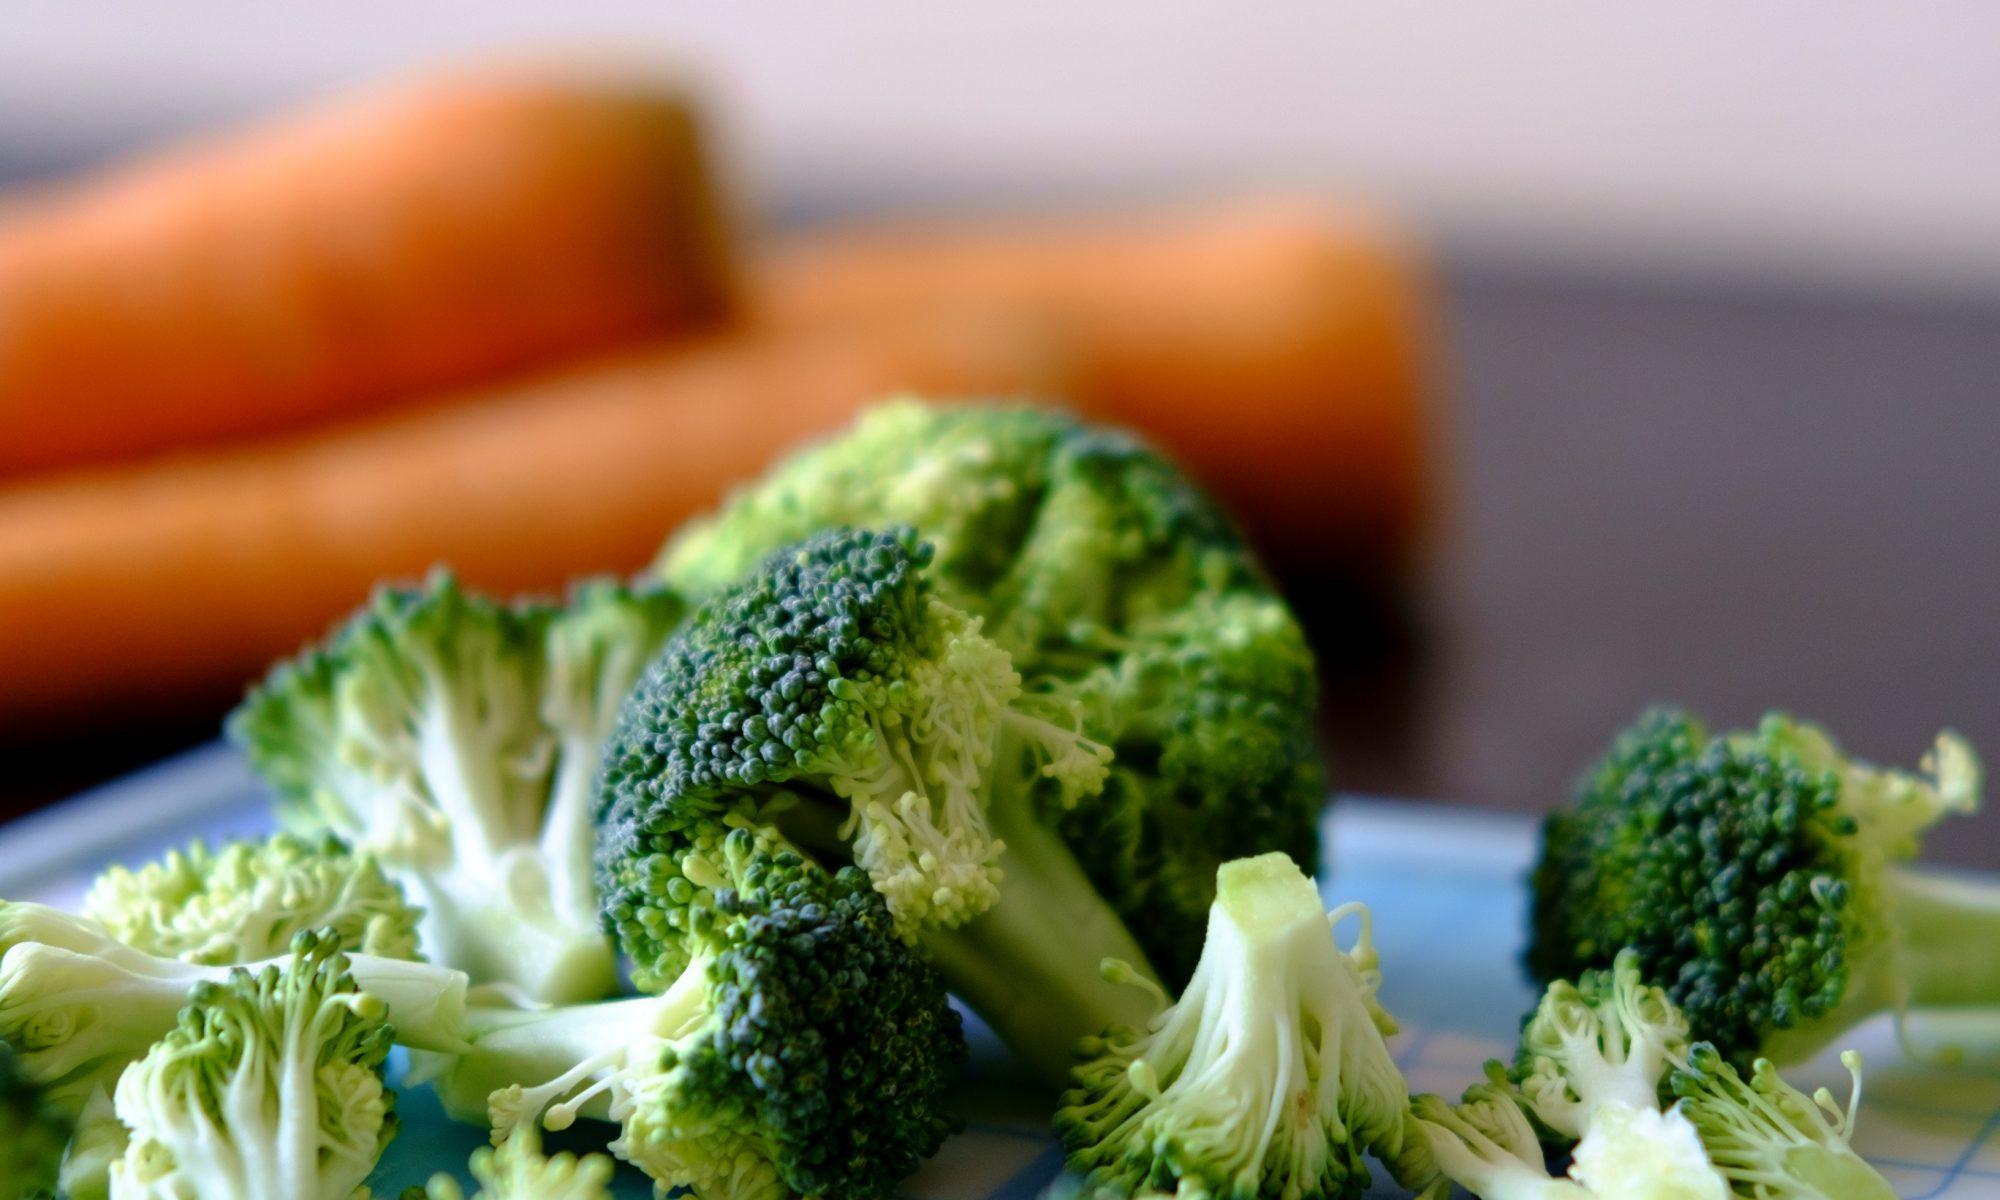 Broccolisalat er oplagt til madpakken